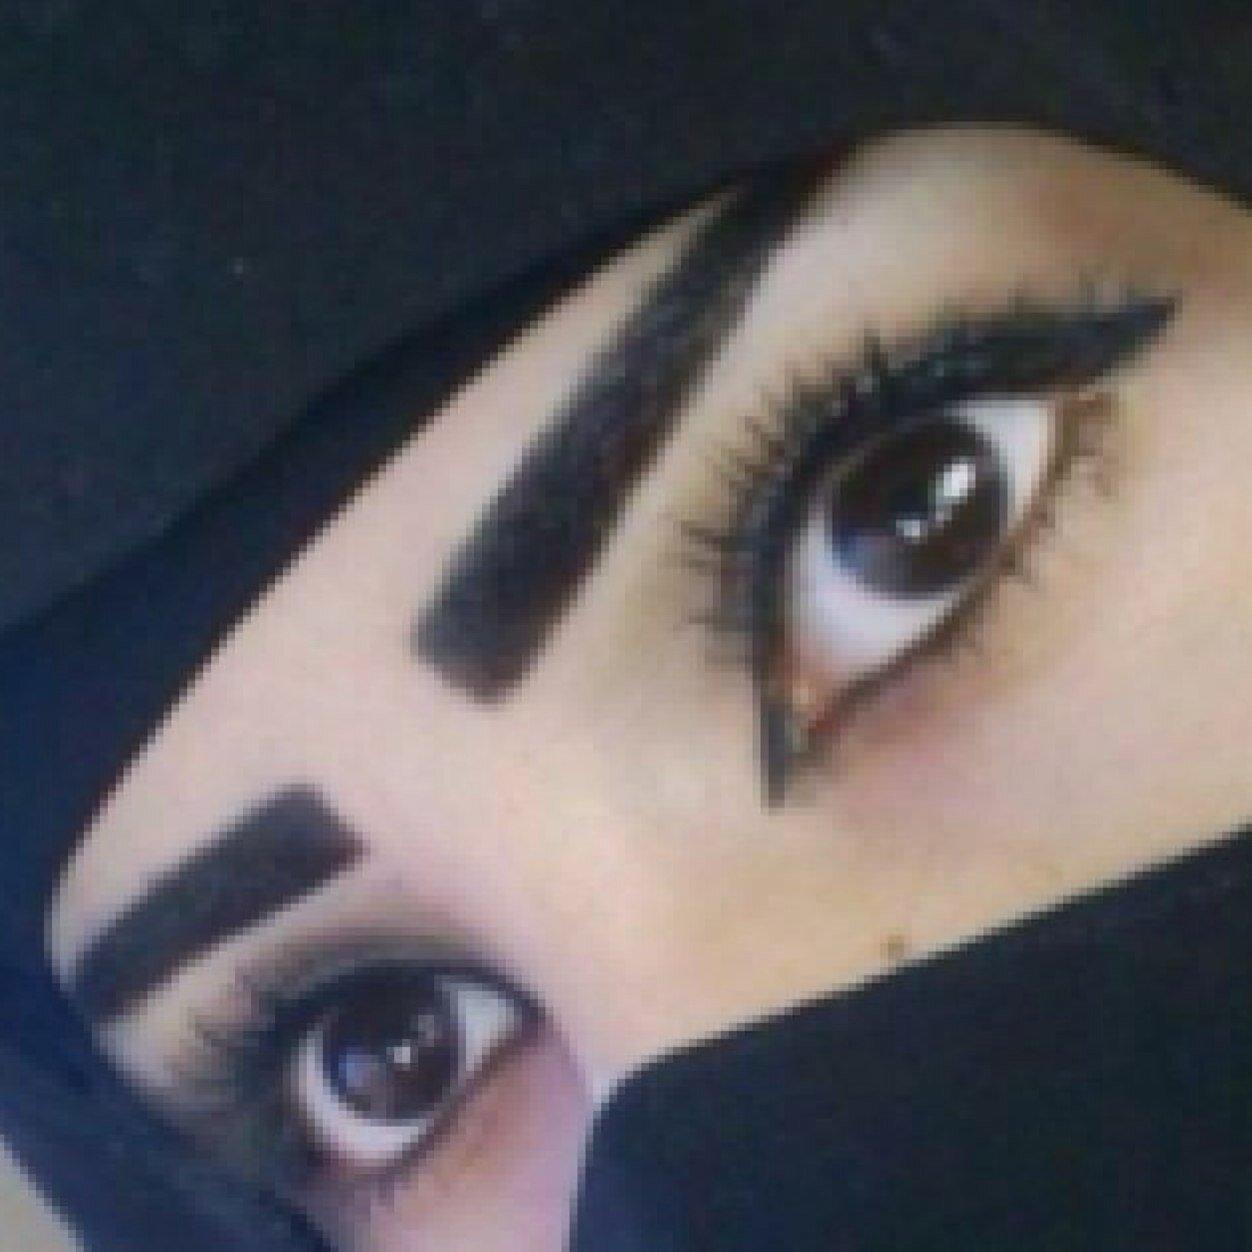 بالصور بنات الخليج , اجمل صور بنات الخليج الكيوت